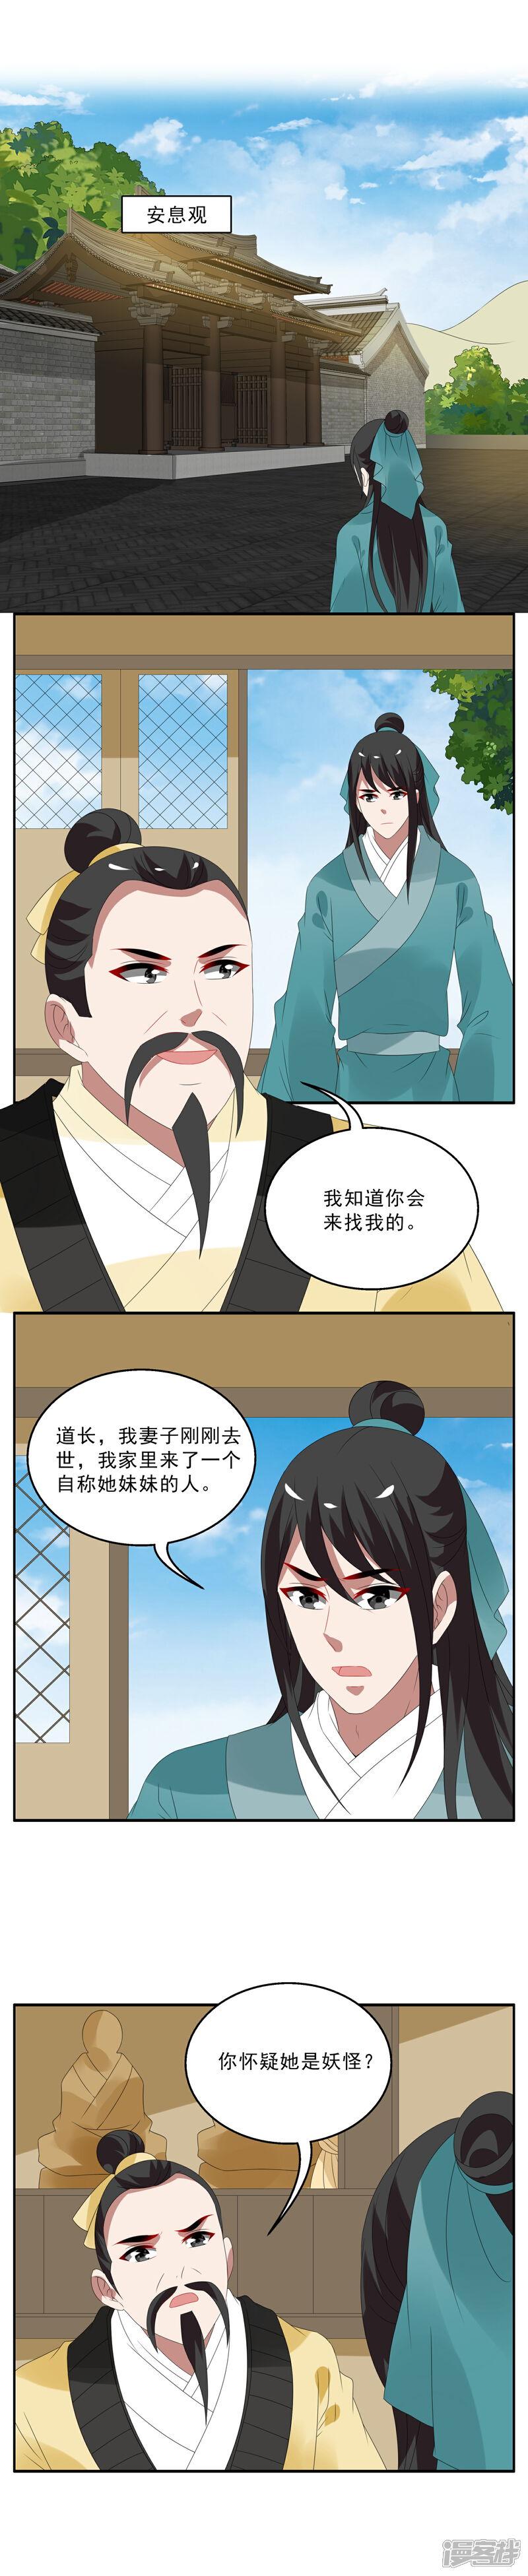 洛小妖139 (6).JPG